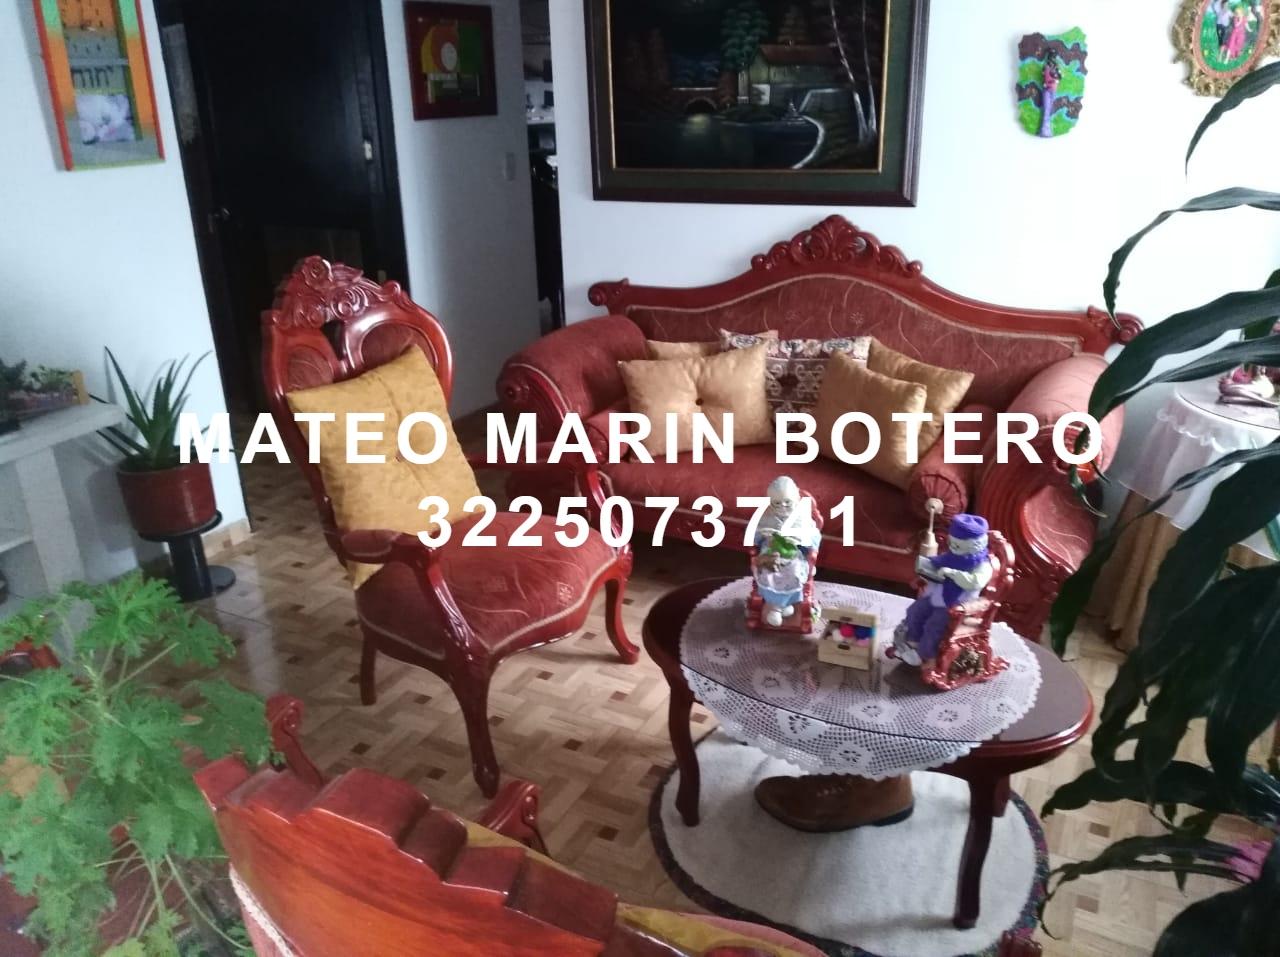 CVOC-0132 Se vende casa en Manizales, inmueble multifamiliar, oportunidad de inversión.